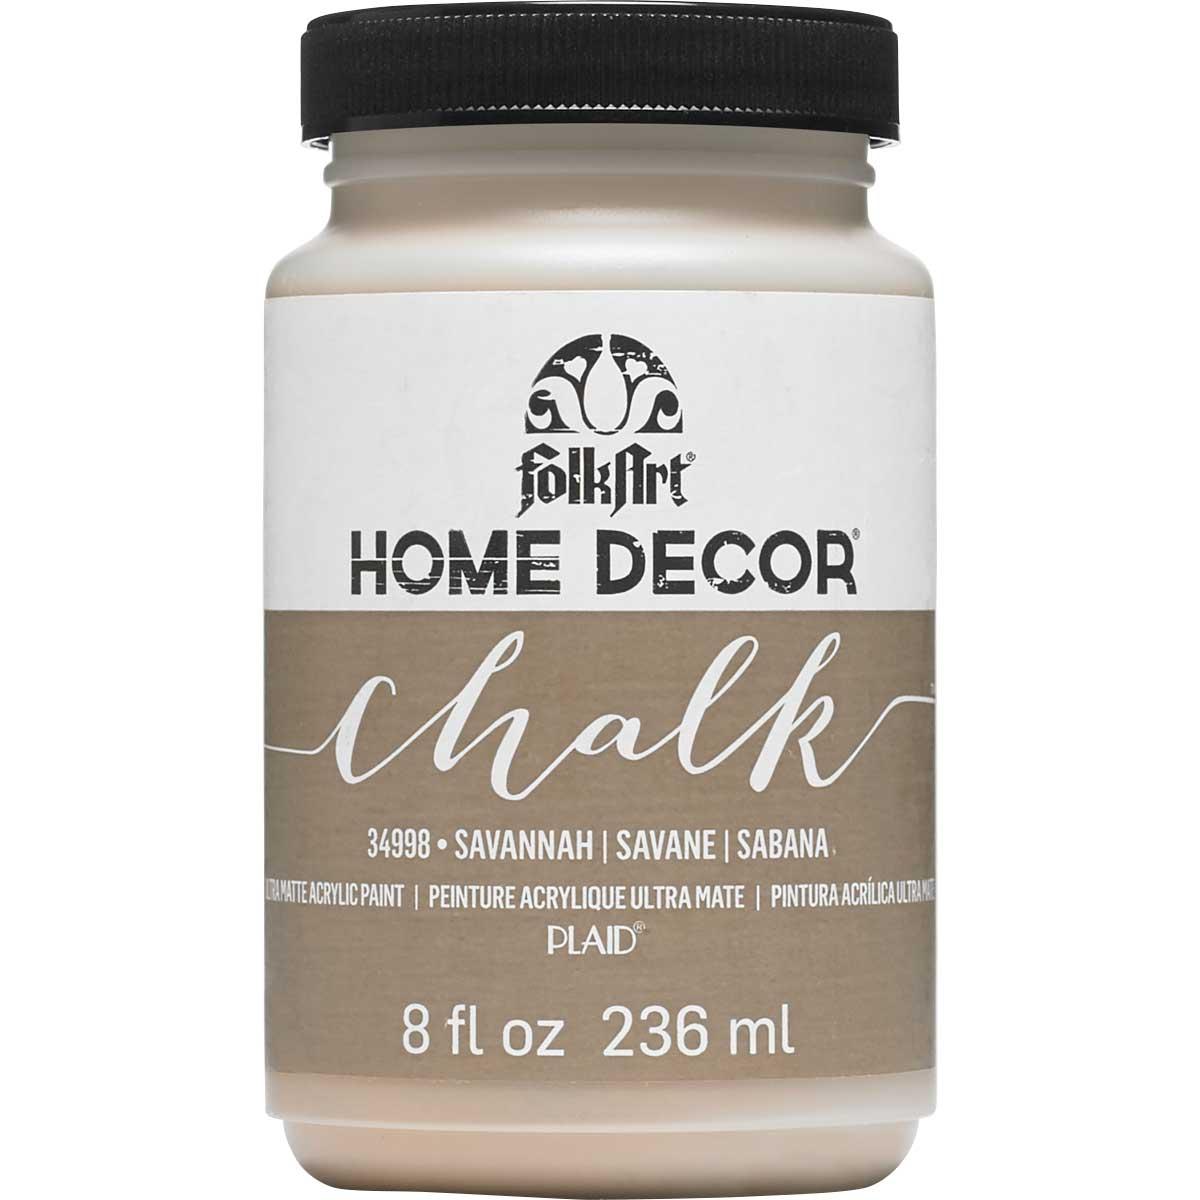 FolkArt Home Decor Chalk - Savannah, 8 oz. - 34998